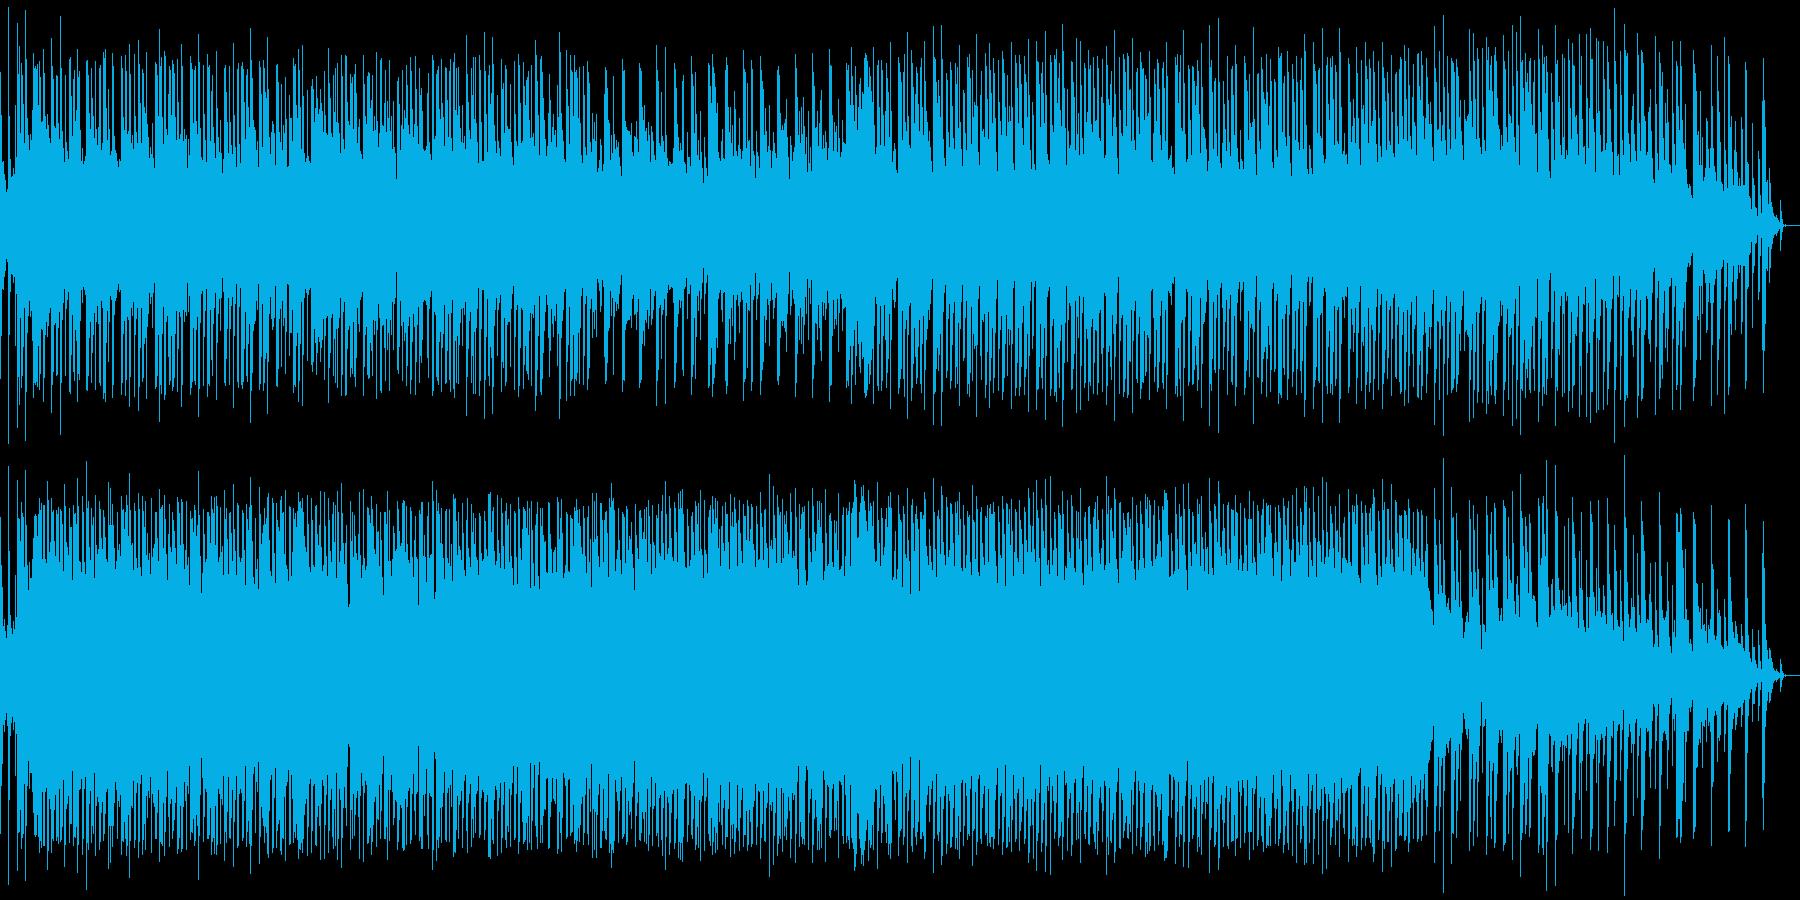 やさしいカントリーフォークの再生済みの波形